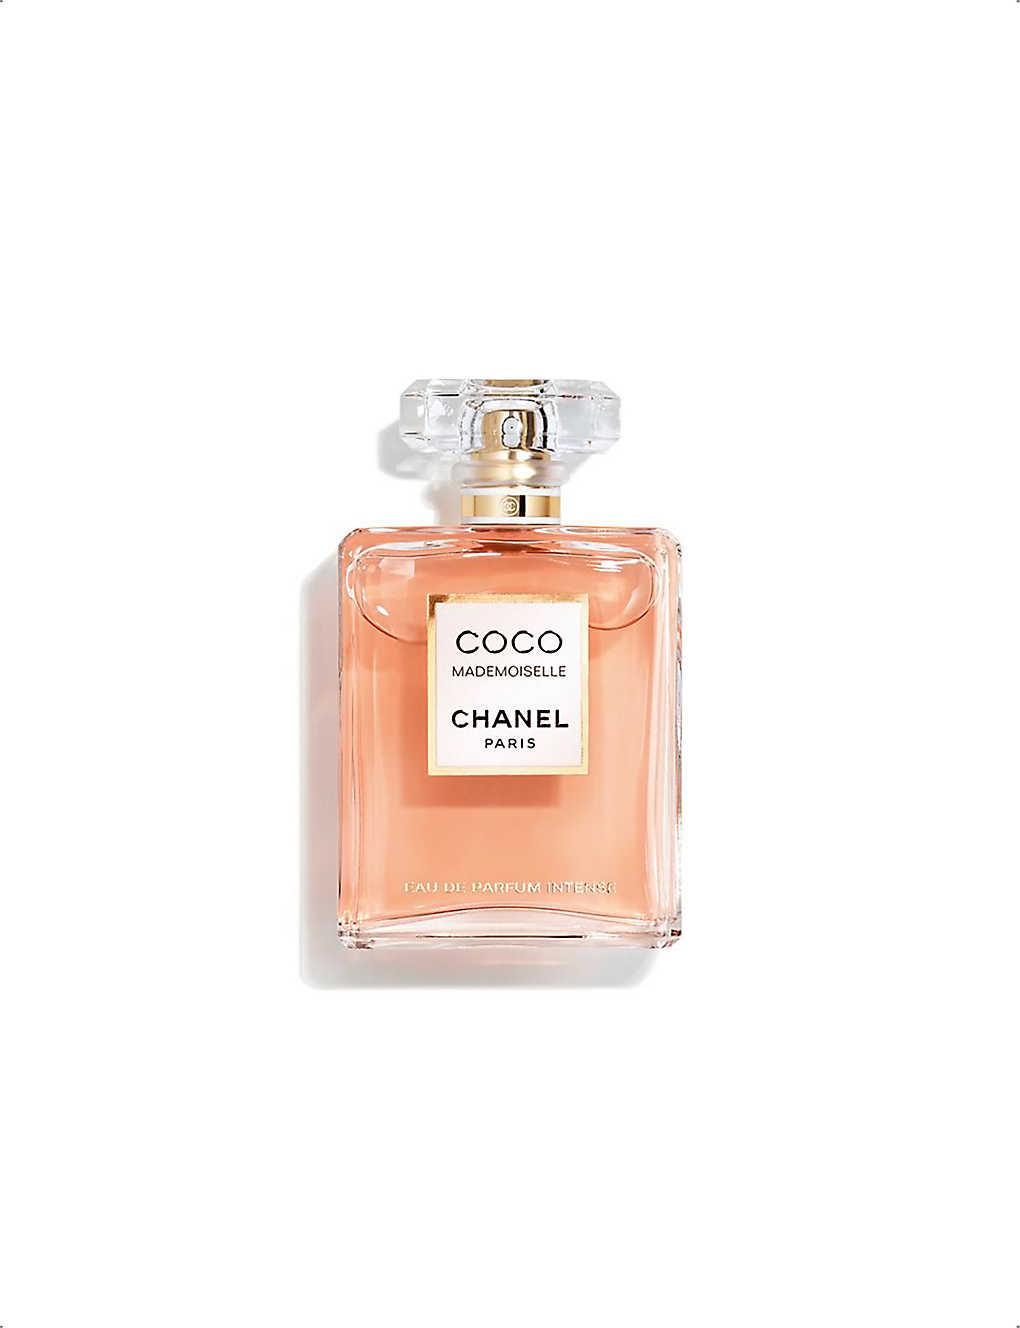 Chanel Coco Mademoiselle Eau De Parfum Intense 50ml Selfridgescom